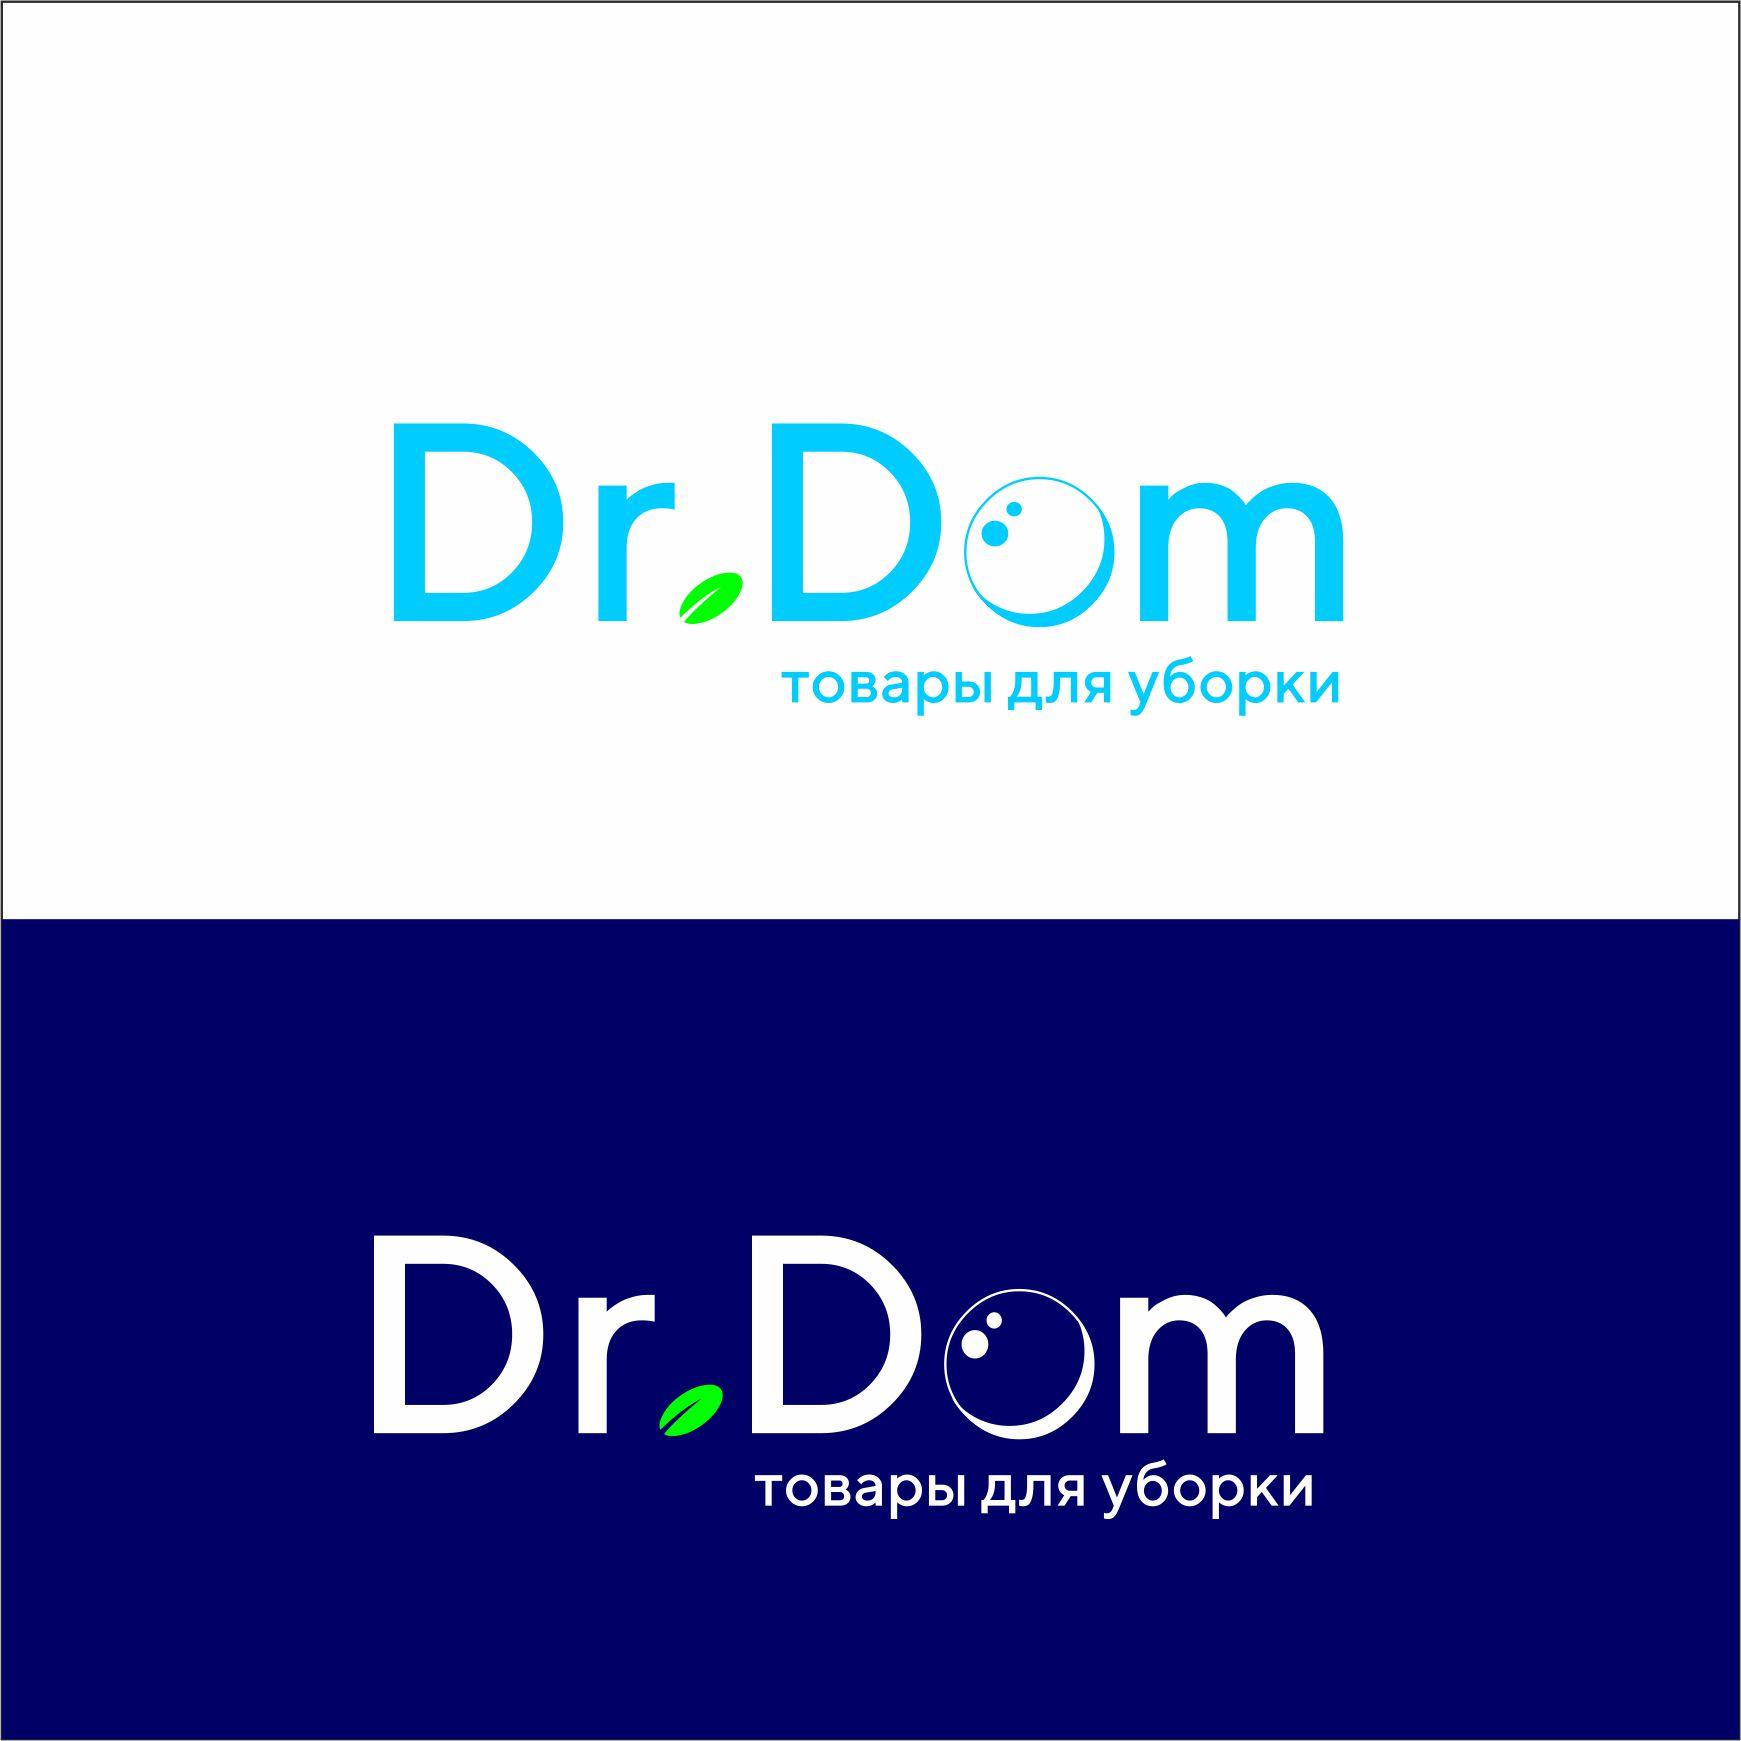 Разработать логотип для сети магазинов бытовой химии и товаров для уборки фото f_9005ffebf4b63bbd.jpg